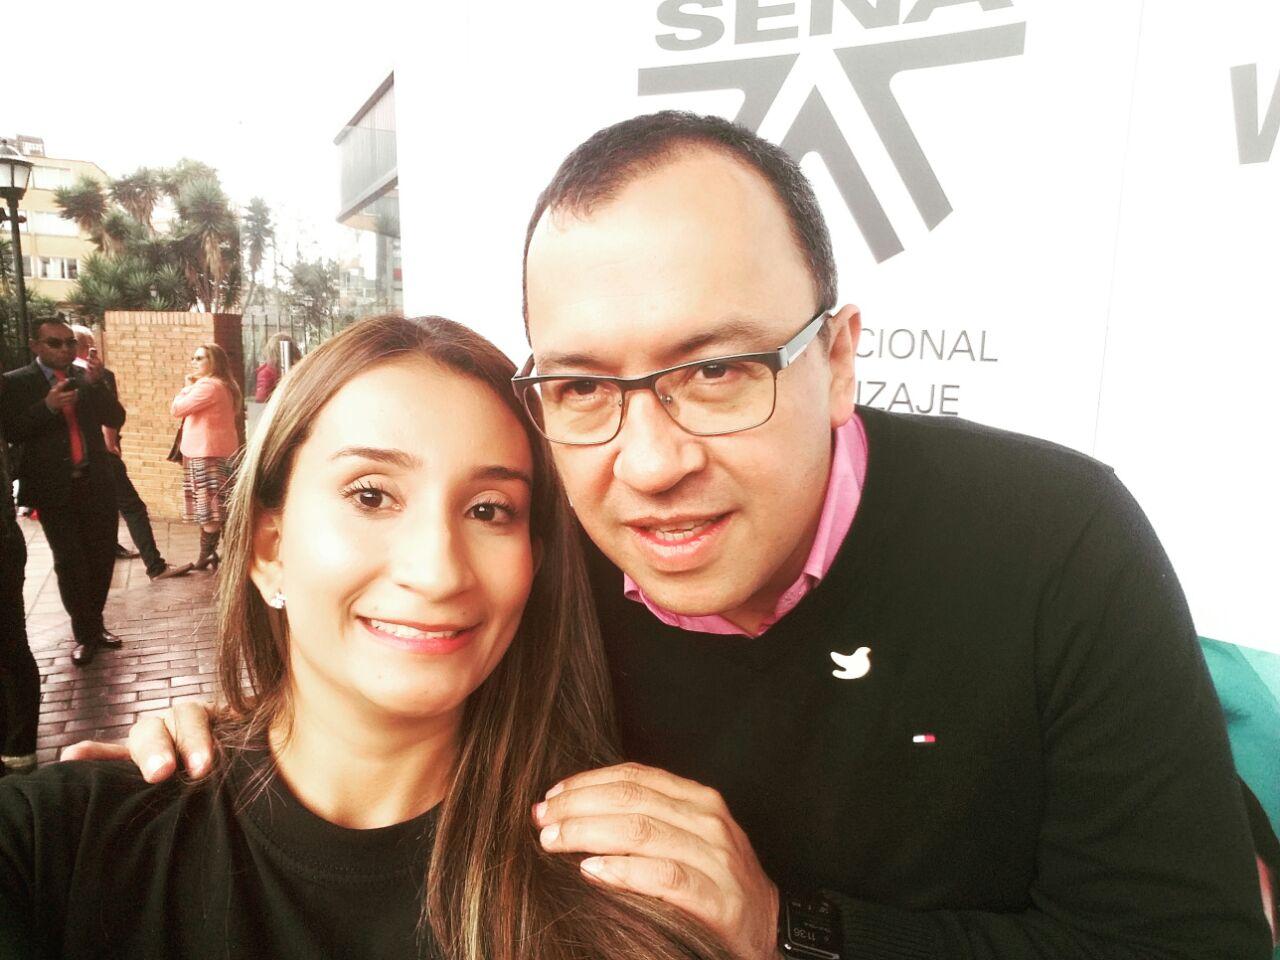 Centro pecuario y agroempresarial sena regional caldas for Serna v portales